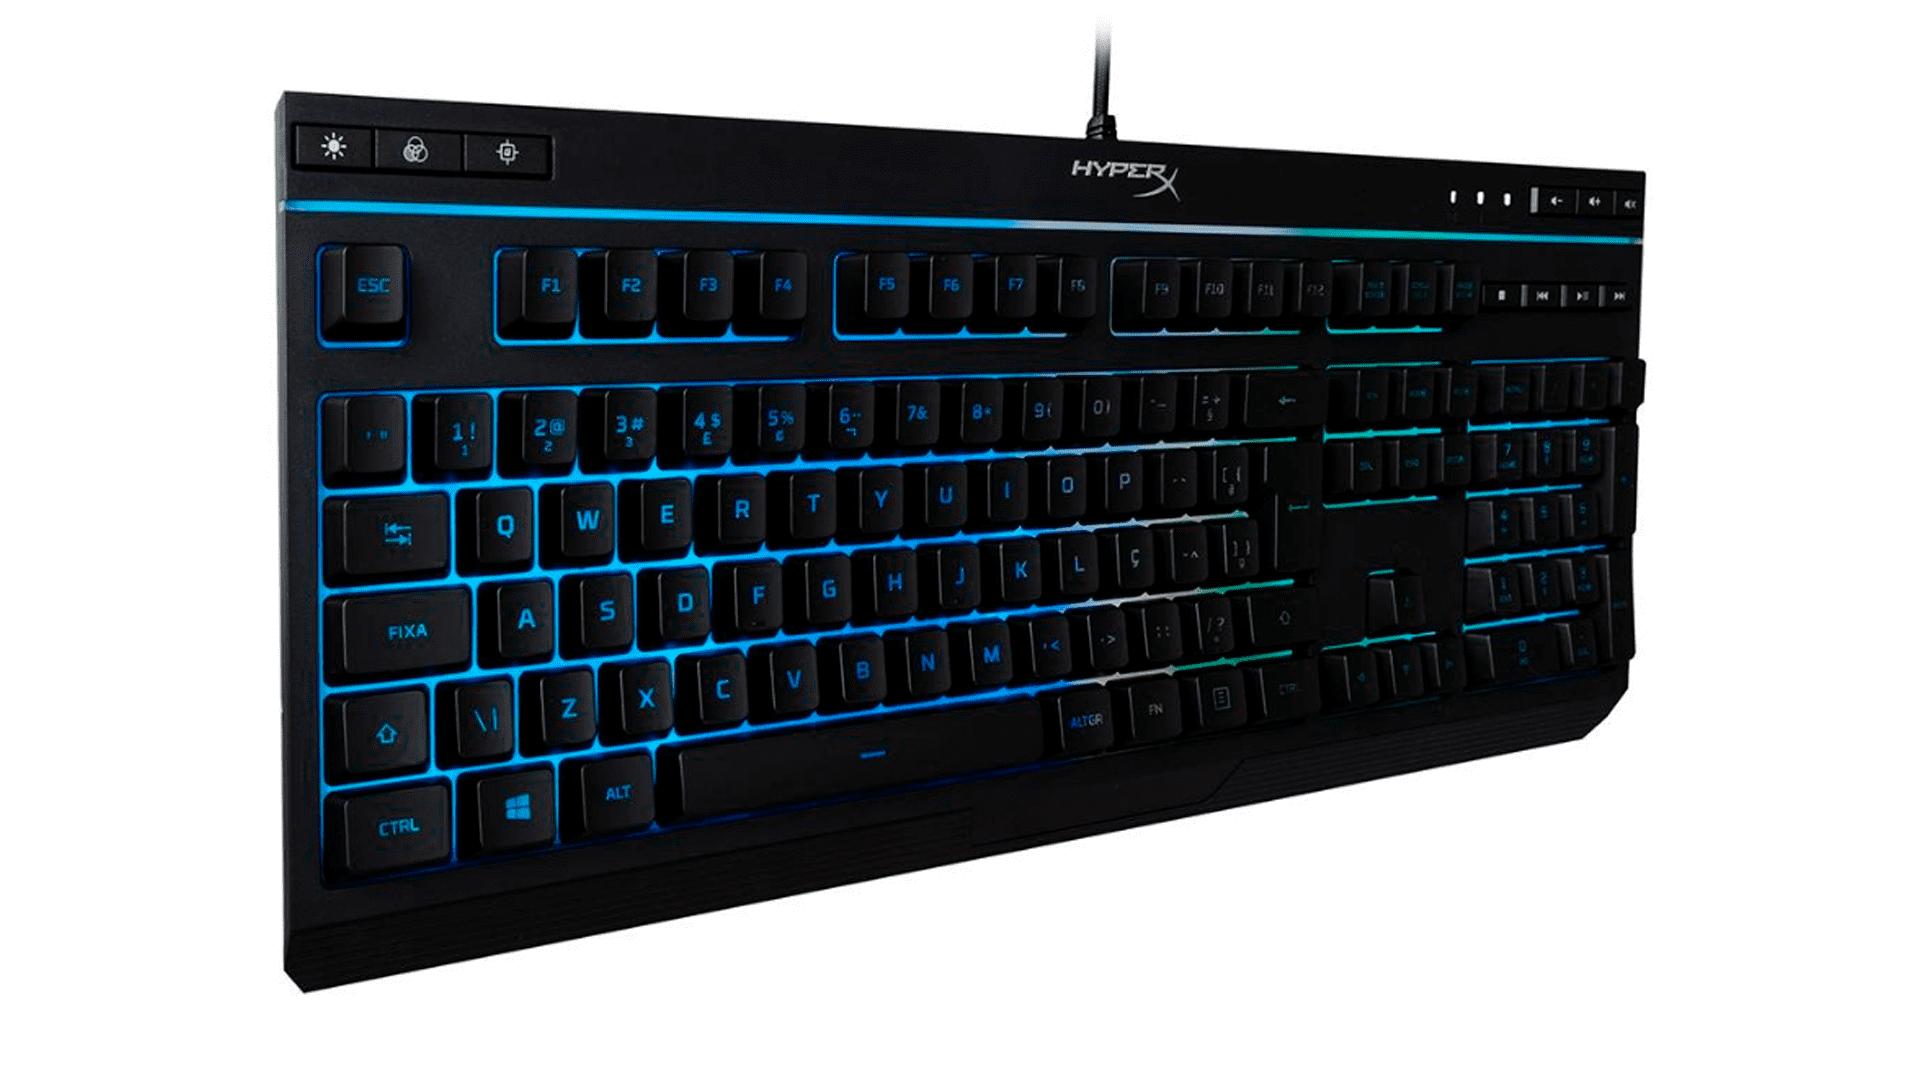 Desempenho e estilo alinhados no teclado gamer HyperX Alloy Care (Foto: Divulgação/HyperX)